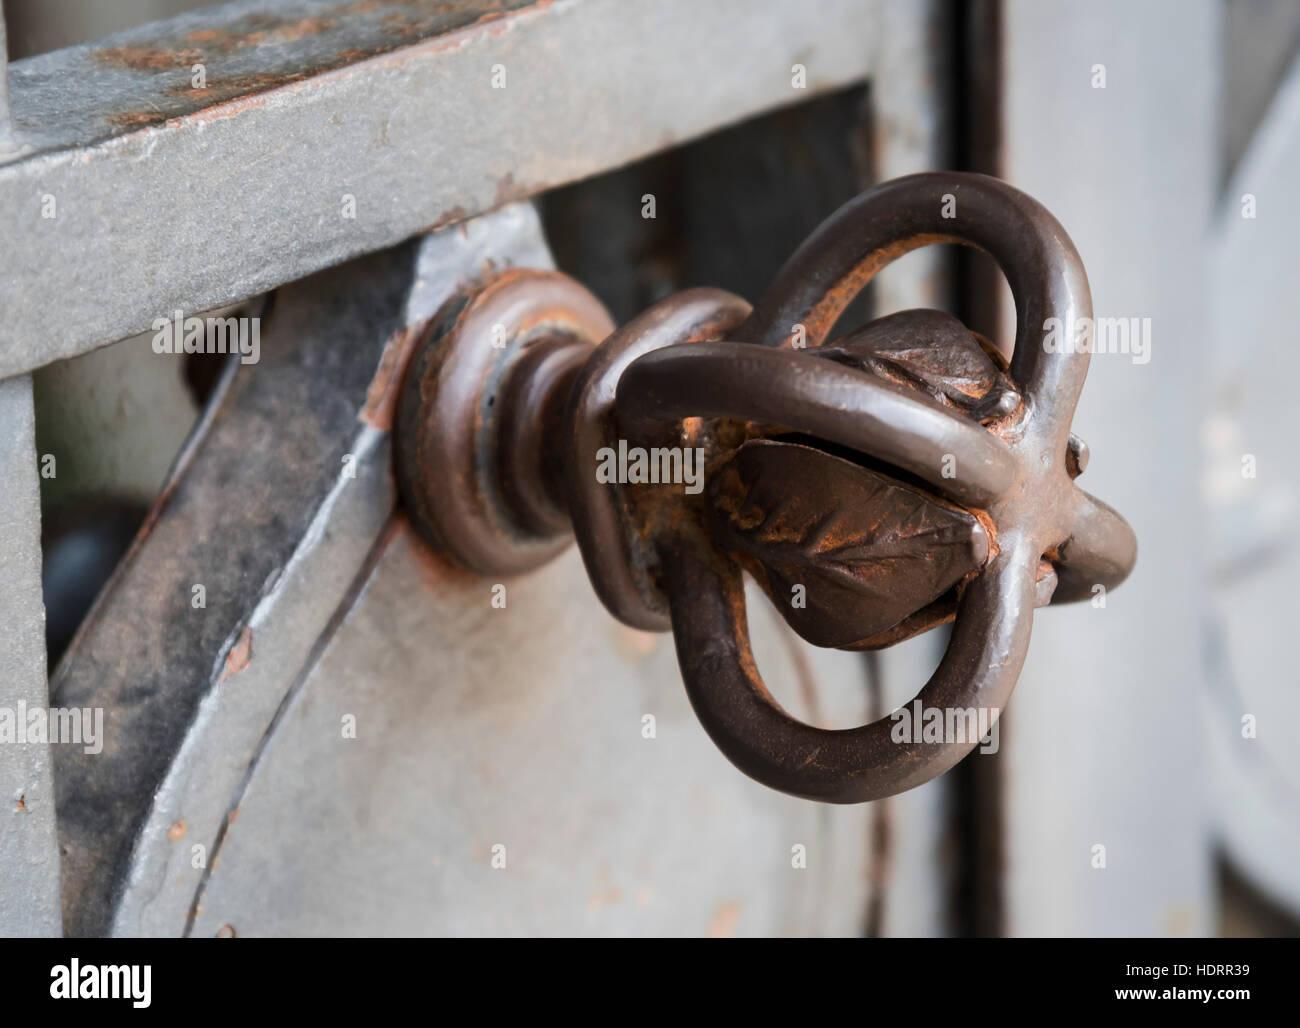 La peculiar empuñadura de puerta de metal ornamentado, abadía de Montecassino, de Cassino, Italia, Europa Imagen De Stock